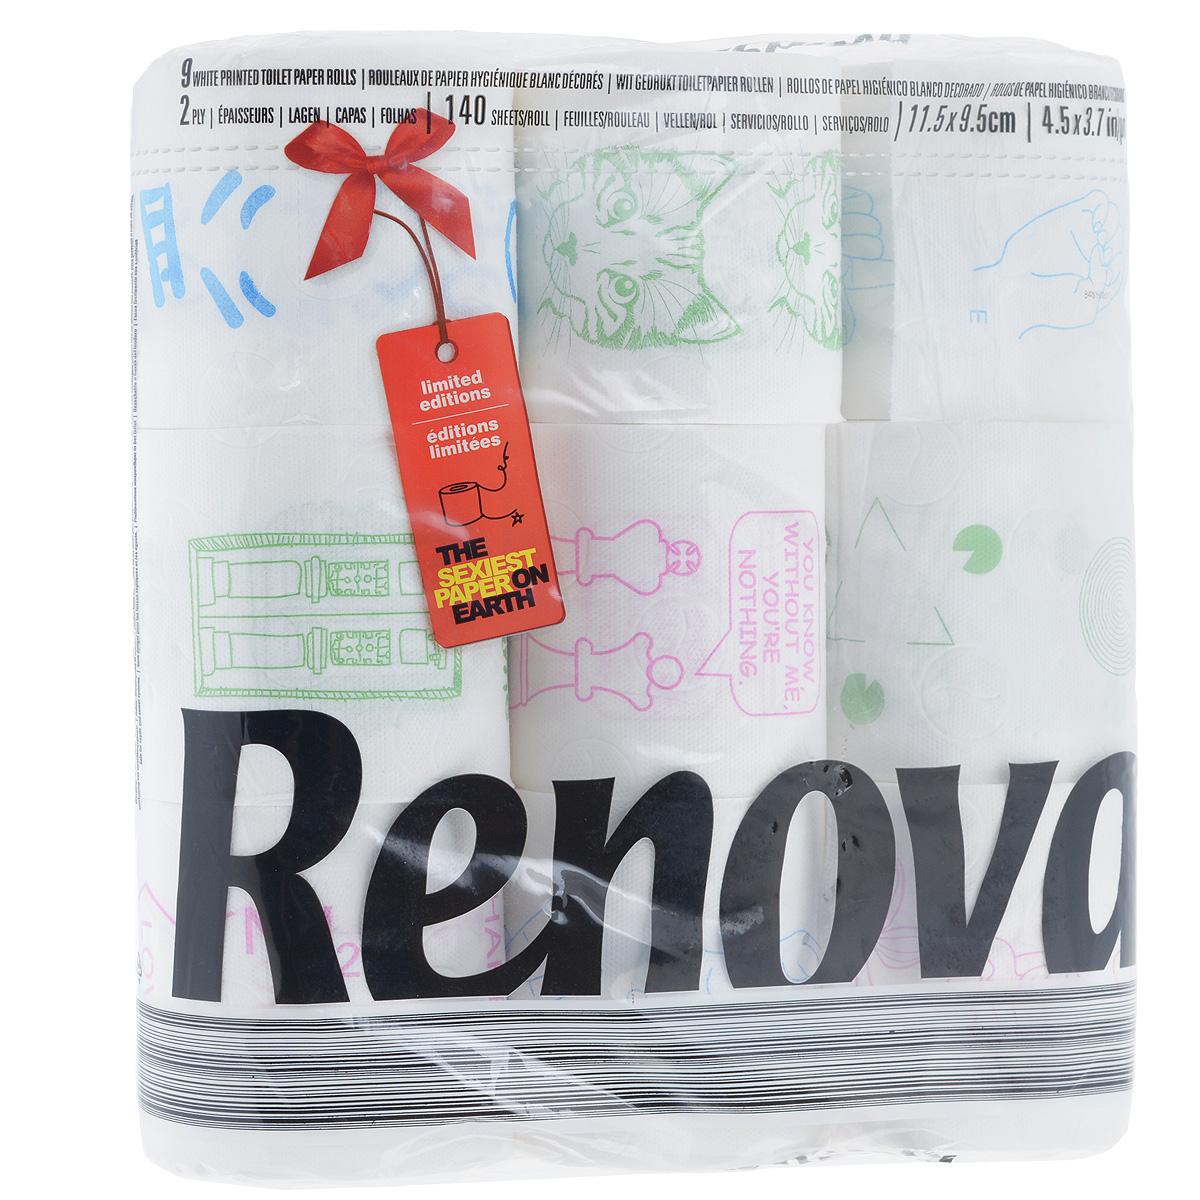 Туалетная бумага Renova Design, двухслойная, цвет: белый, 9 рулонов200063133Туалетная бумага Renova Design изготовлена по новейшей технологии из 100% целлюлозы, благодаря чему она очень мягкая, нежная, но в тоже время прочная. Перфорация надежно скрепляет слои бумаги. Туалетная бумага Renova Design сочетает в себе простоту и оригинальность. На каждом листе туалетной бумаге разное цветное изображение.Состав: 100% целлюлоза. Количество листов: 140 шт.Количество слоев: 2.Размер листа: 11,5 см х 9,5 см.Количество рулонов: 9 шт.Португальская компания Renova является ведущим разработчиком новейших технологий производства, нового стиля и направления на рынке гигиенической продукции. Современный дизайн и высочайшее качество, дерматологический контроль - это то, что выделяет компанию Renova среди других производителей бумажной санитарно-гигиенической продукции.